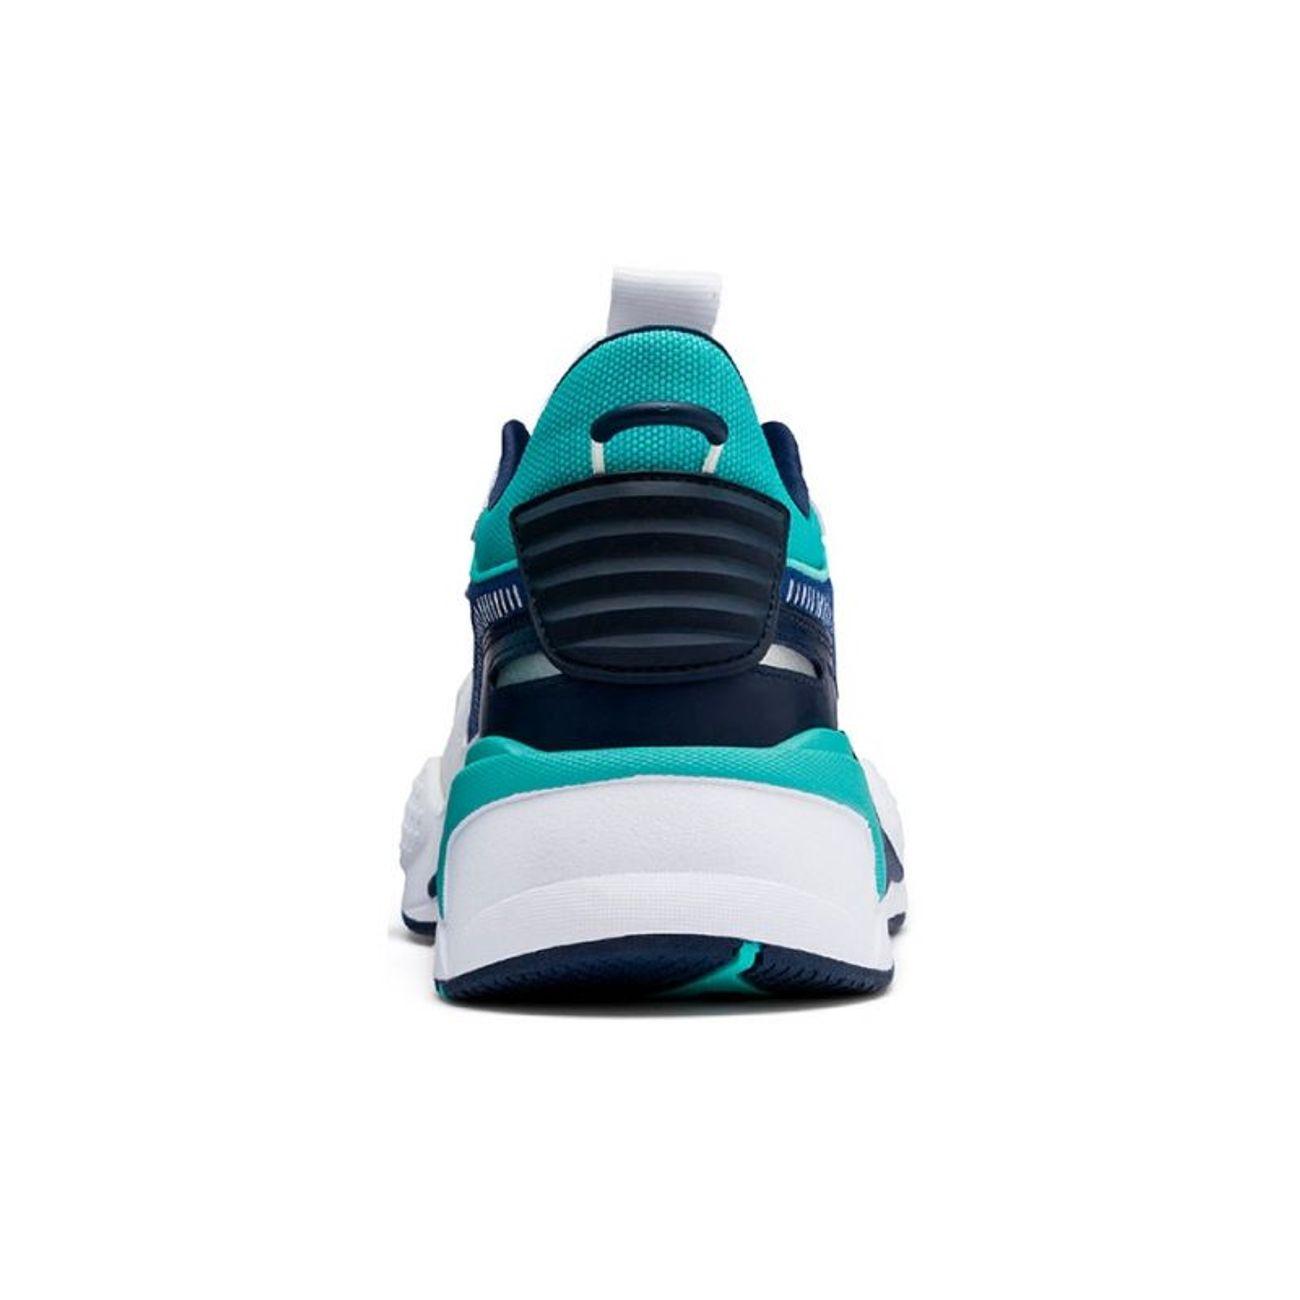 Padel Adulte Vert Hard Puma Rs 02 369818 x Blanc Drive 4Sqc35RLAj